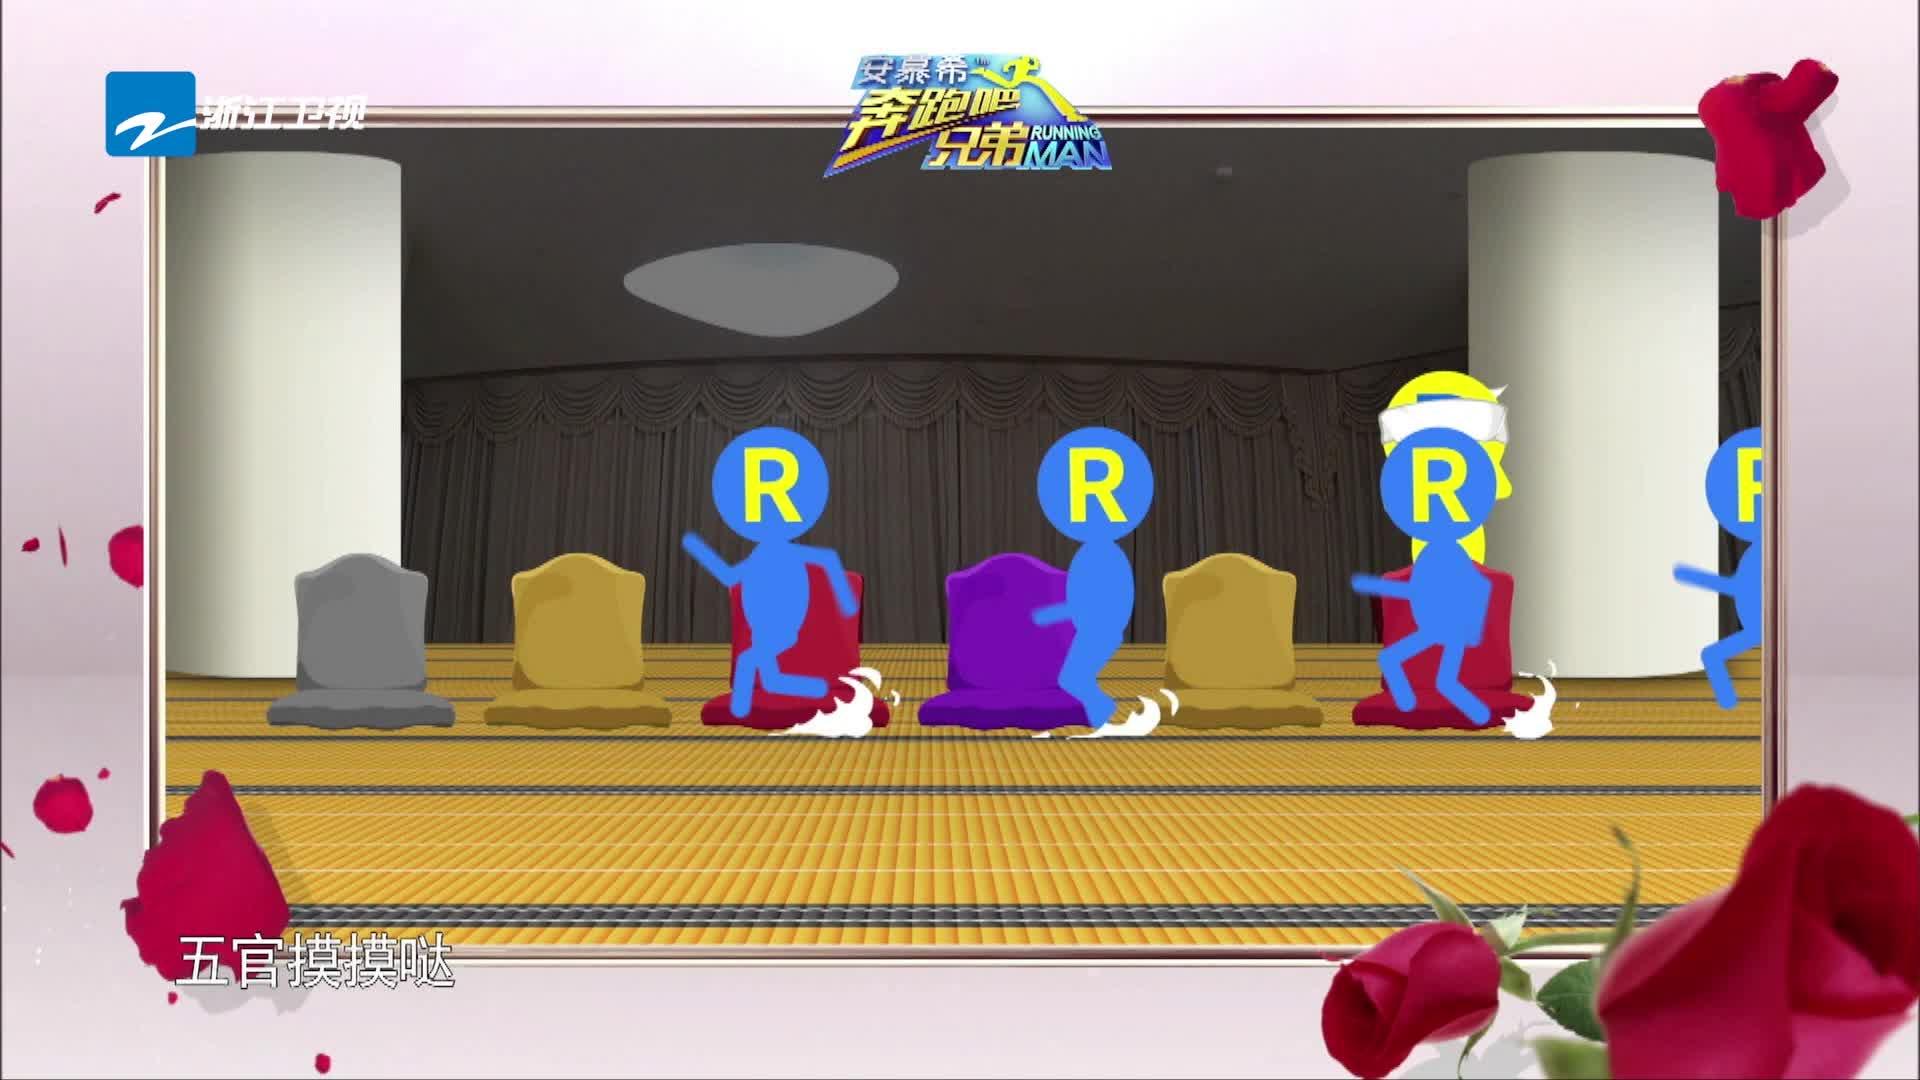 五官摸摸哒游戏,包贝尔爆发不满,把假发摘了谁都能摸出来!